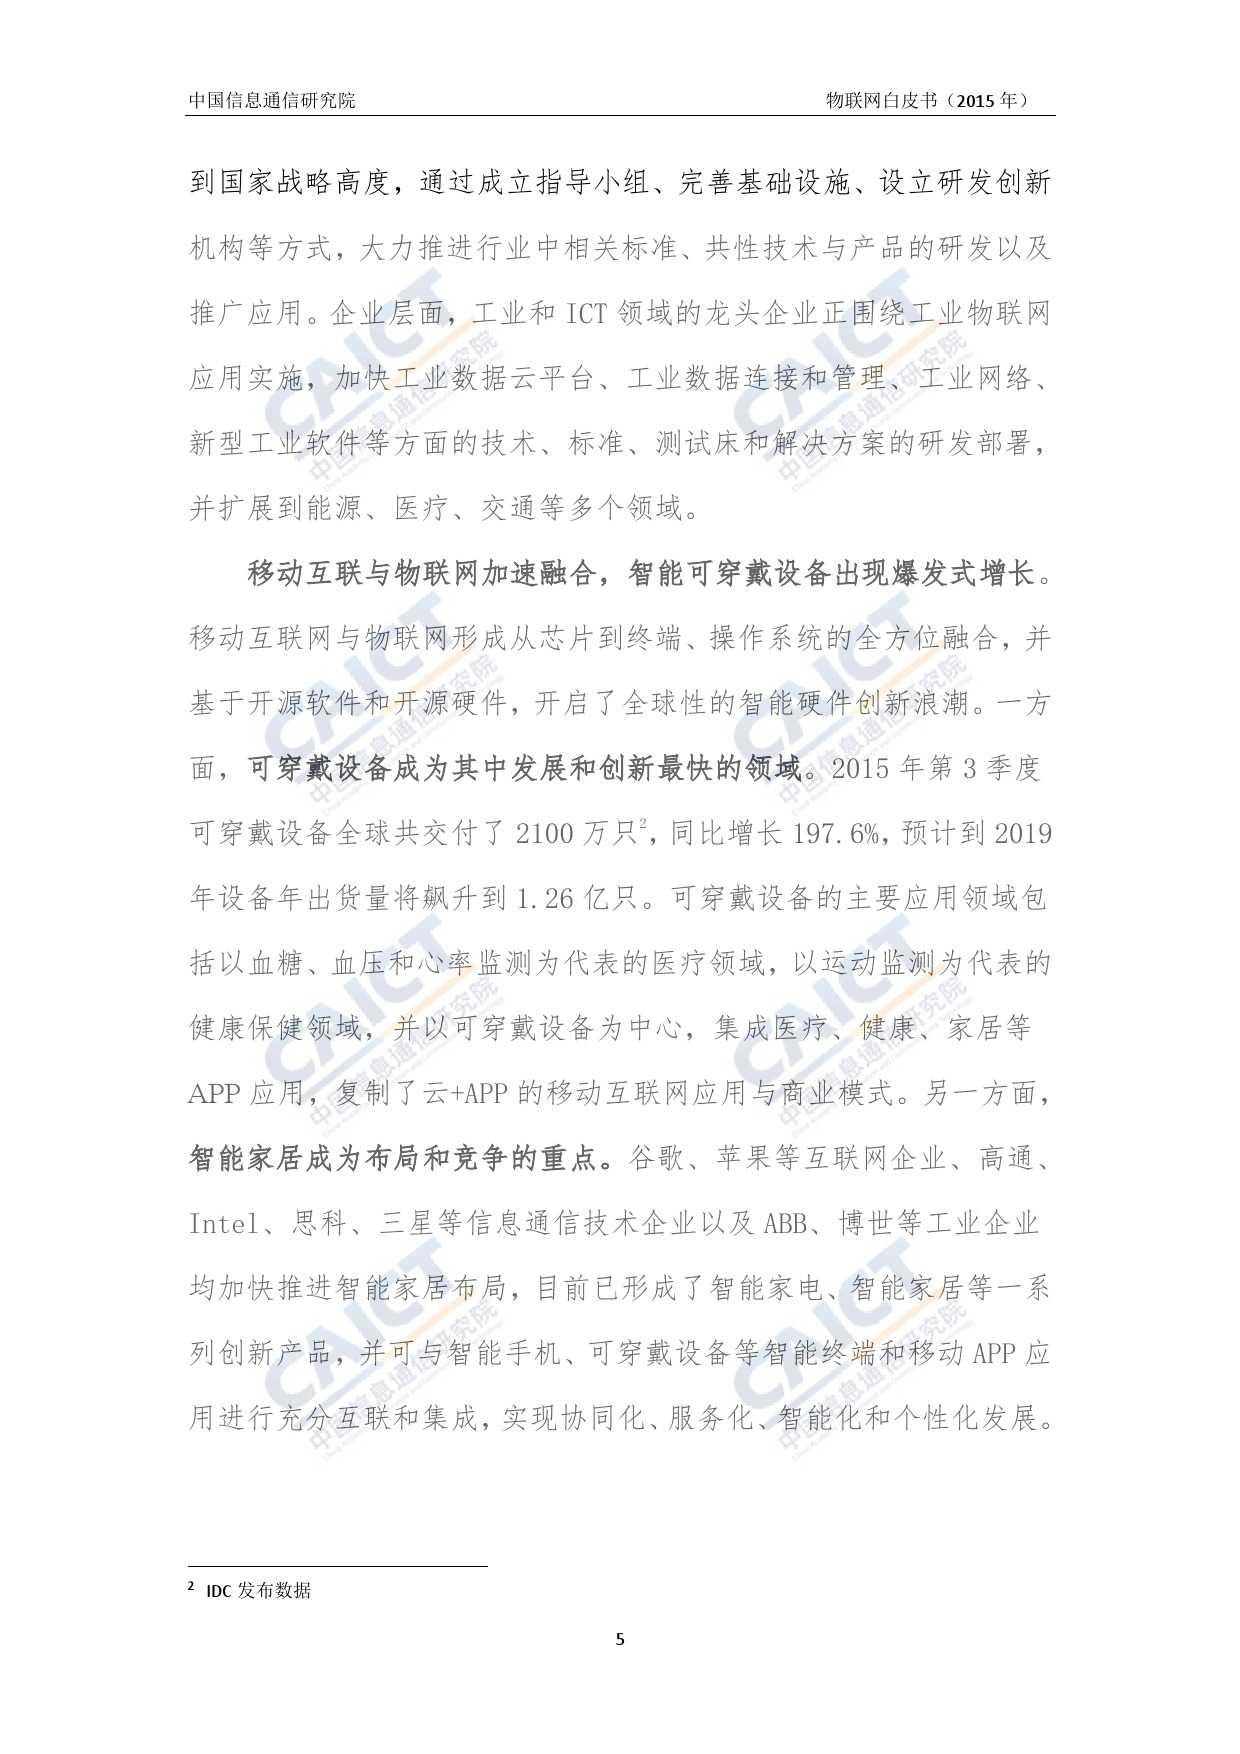 中国信息通信研究院:2015年物联网白皮书_000009